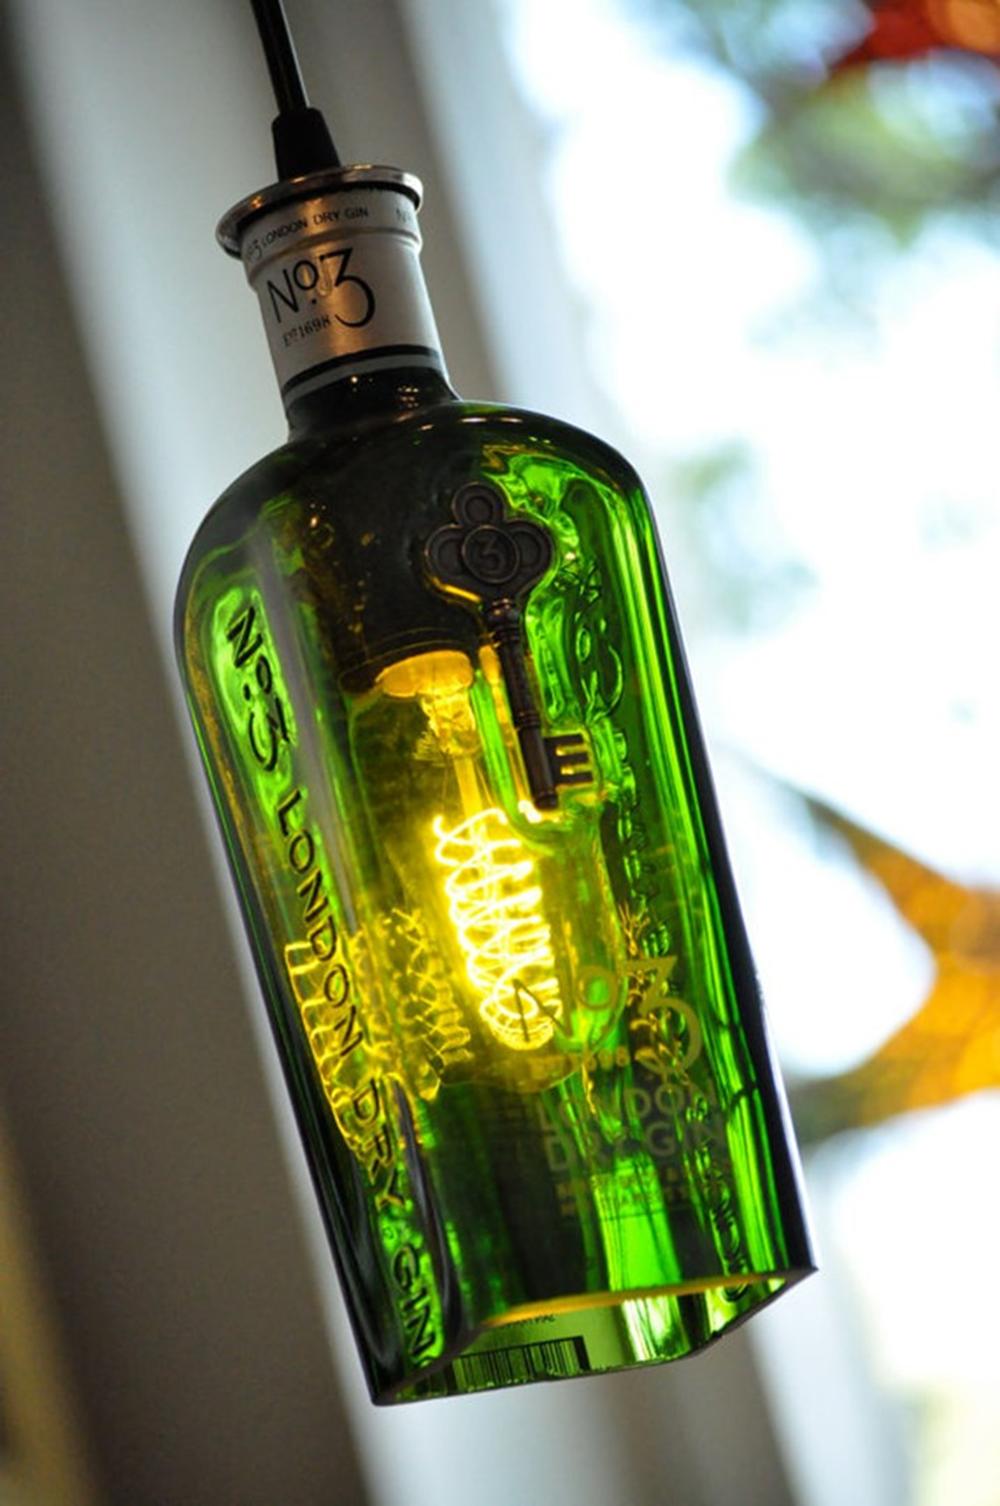 Recycled wine bottle liquor whiskey gin pendant lamp hanging bottle recycled wine bottle liquor whiskey gin pendant lamp hanging bottle hanging lamp bottle aloadofball Gallery